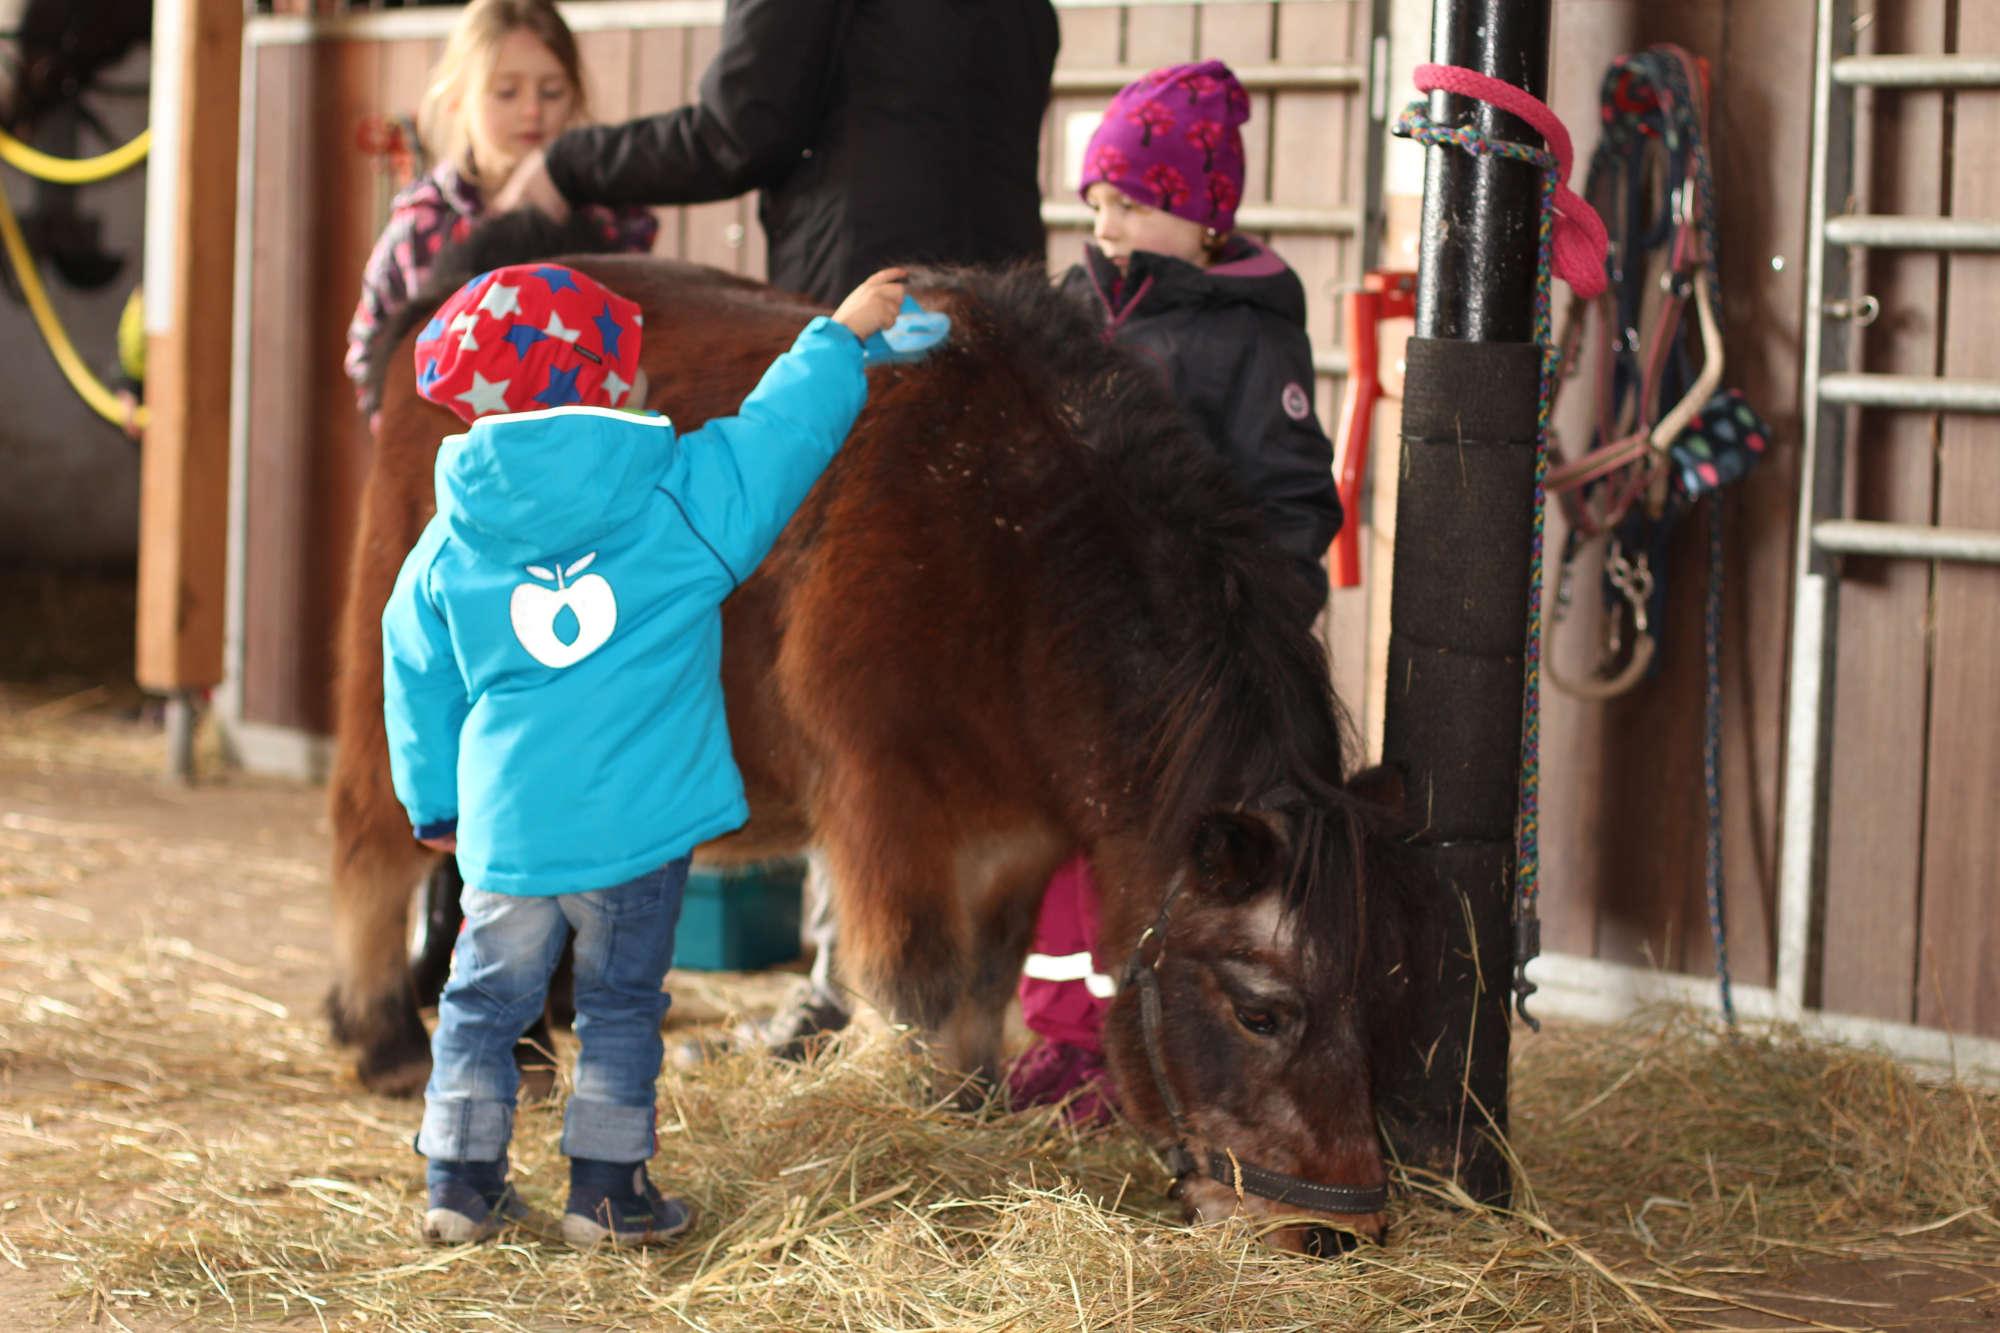 Hobbies für Kinder 2 Kinder putzen ein Pony